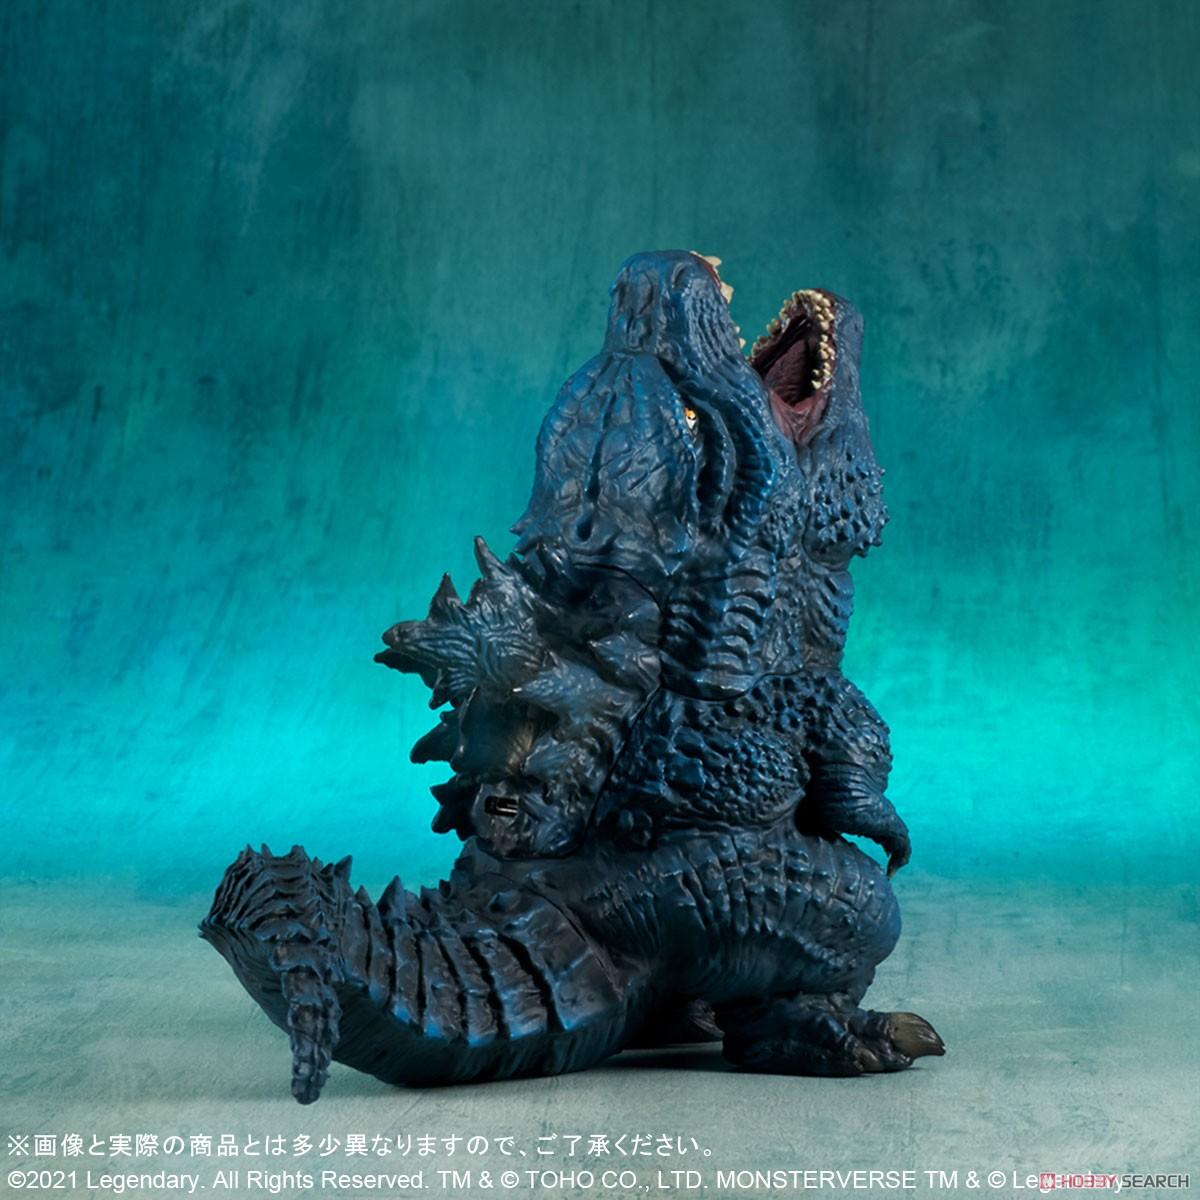 デフォリアル SFX『ゴジラ(2019)』キング・オブ・モンスターズ 完成品フィギュア-002